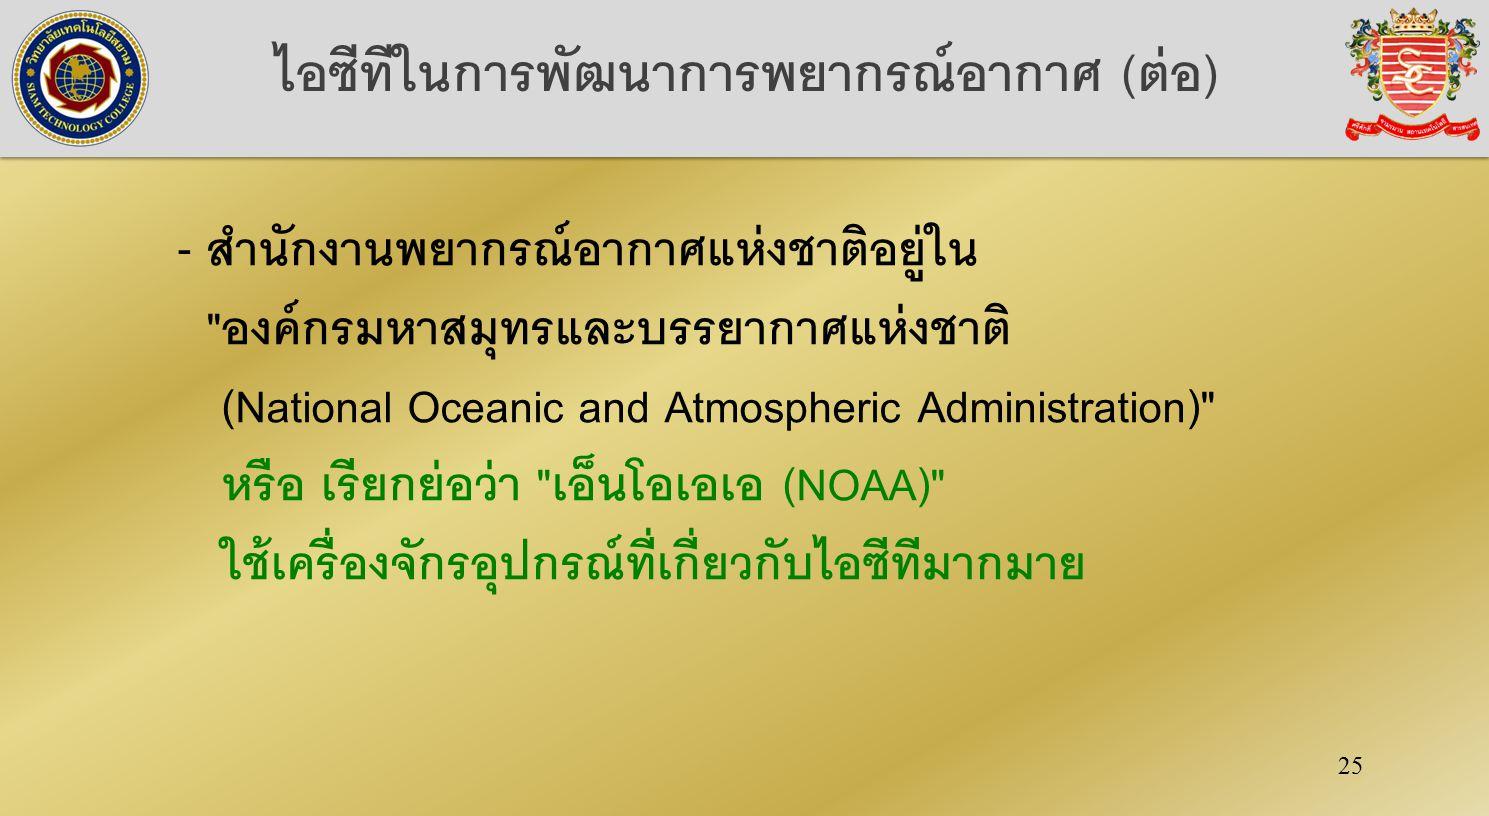 25 ไอซีทีในการพัฒนาการพยากรณ์อากาศ (ต่อ) - สำนักงานพยากรณ์อากาศแห่งชาติอยู่ใน องค์กรมหาสมุทรและบรรยากาศแห่งชาติ (National Oceanic and Atmospheric Administration) หรือ เรียกย่อว่า เอ็นโอเอเอ (NOAA) ใช้เครื่องจักรอุปกรณ์ที่เกี่ยวกับไอซีทีมากมาย